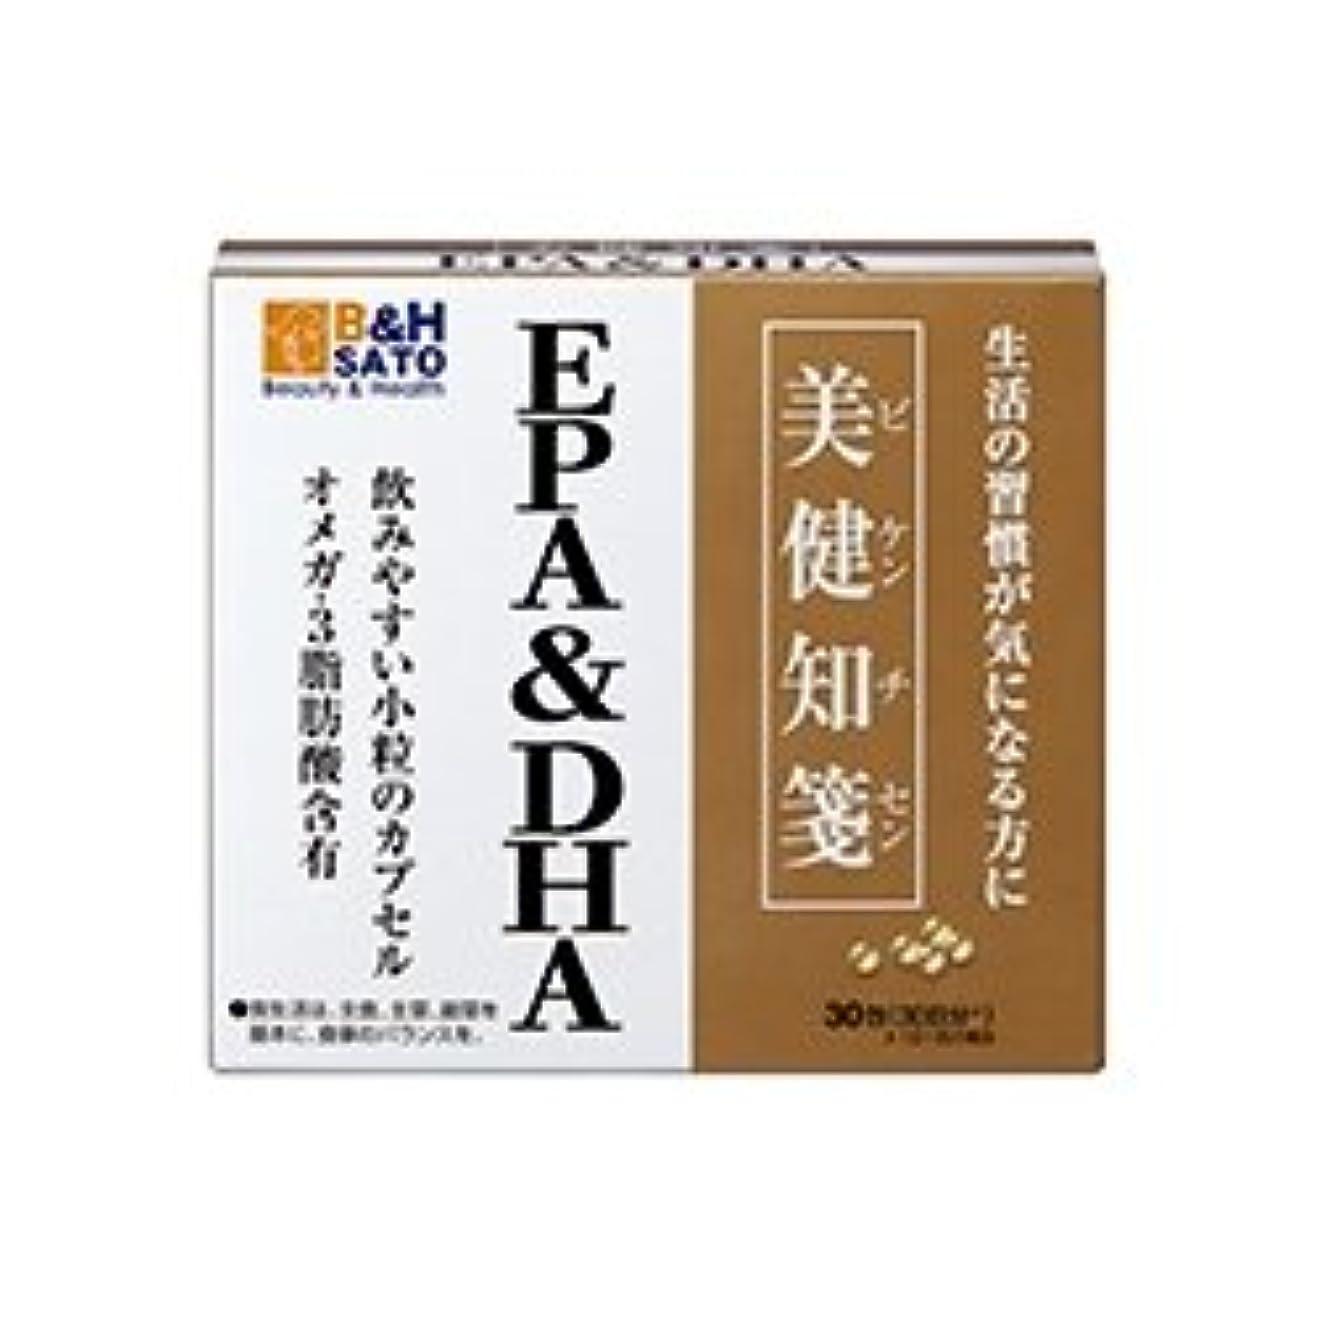 起こりやすい病院勧告佐藤製薬 美健知箋 EPA DHA 30包